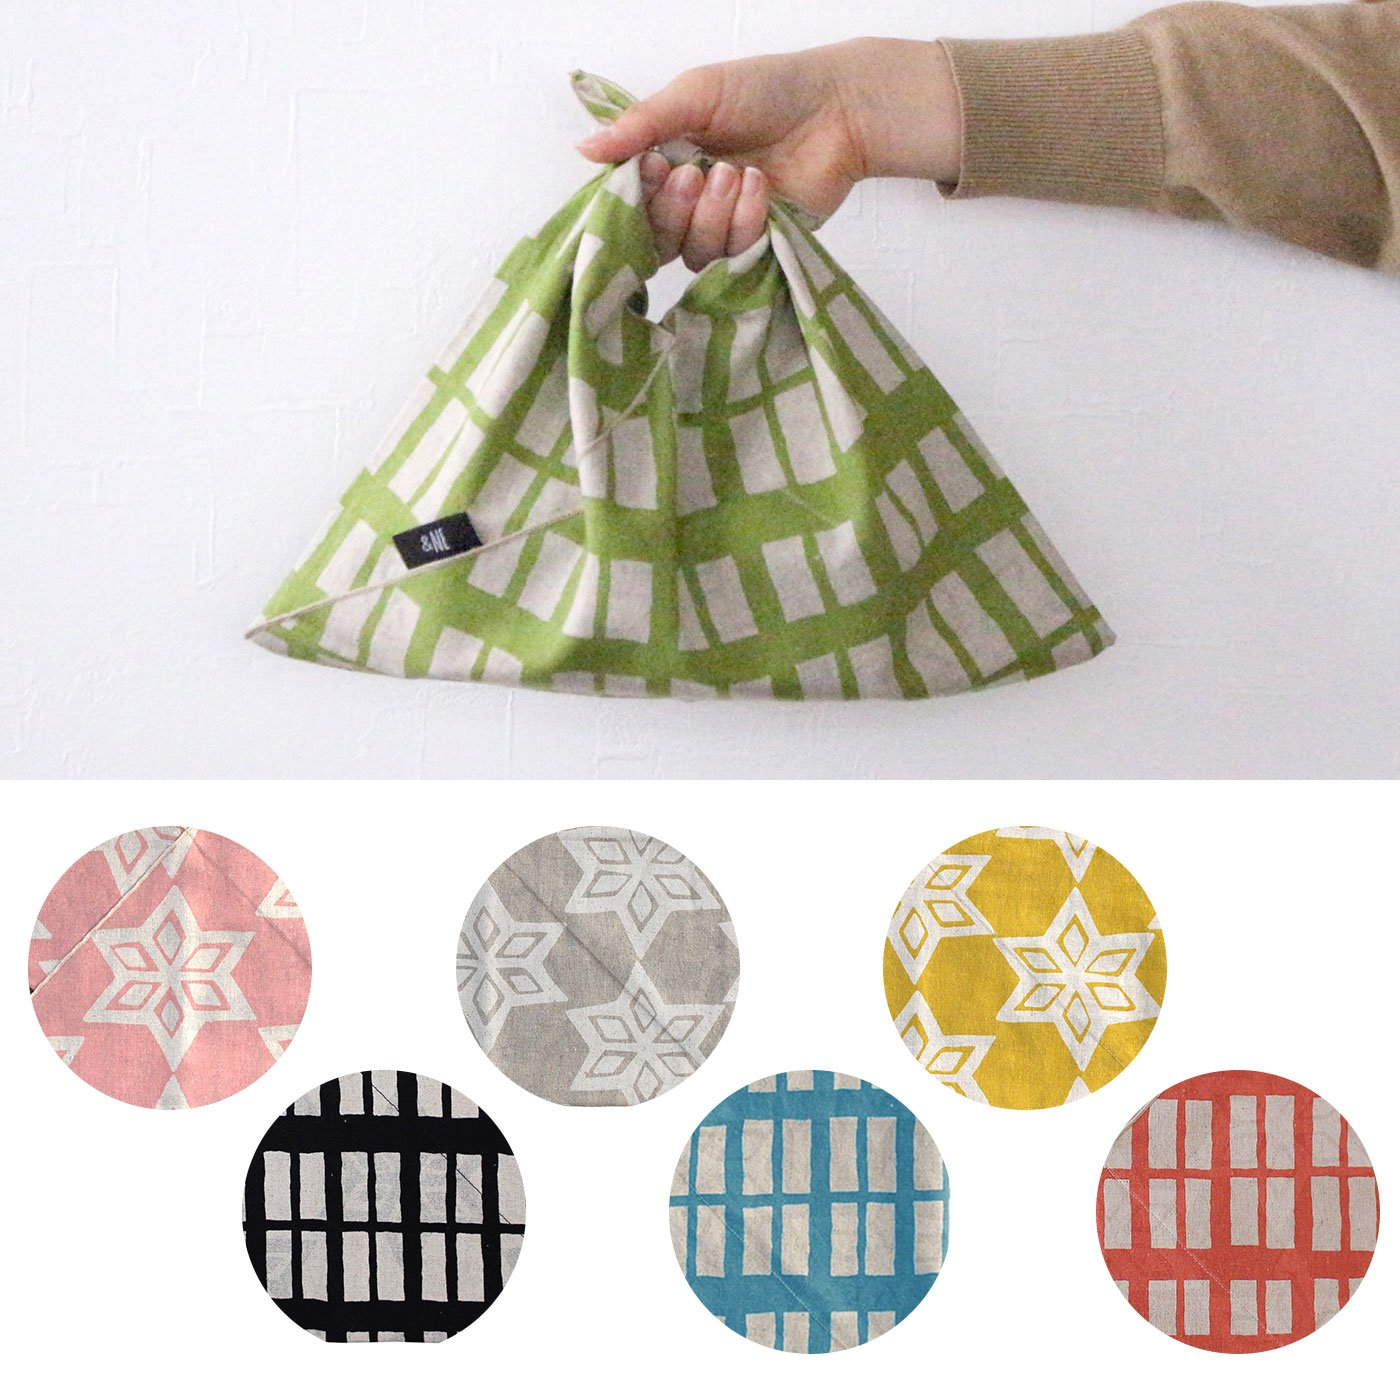 大切に包む 風呂敷文化が織り成すリバーシブルあづま袋